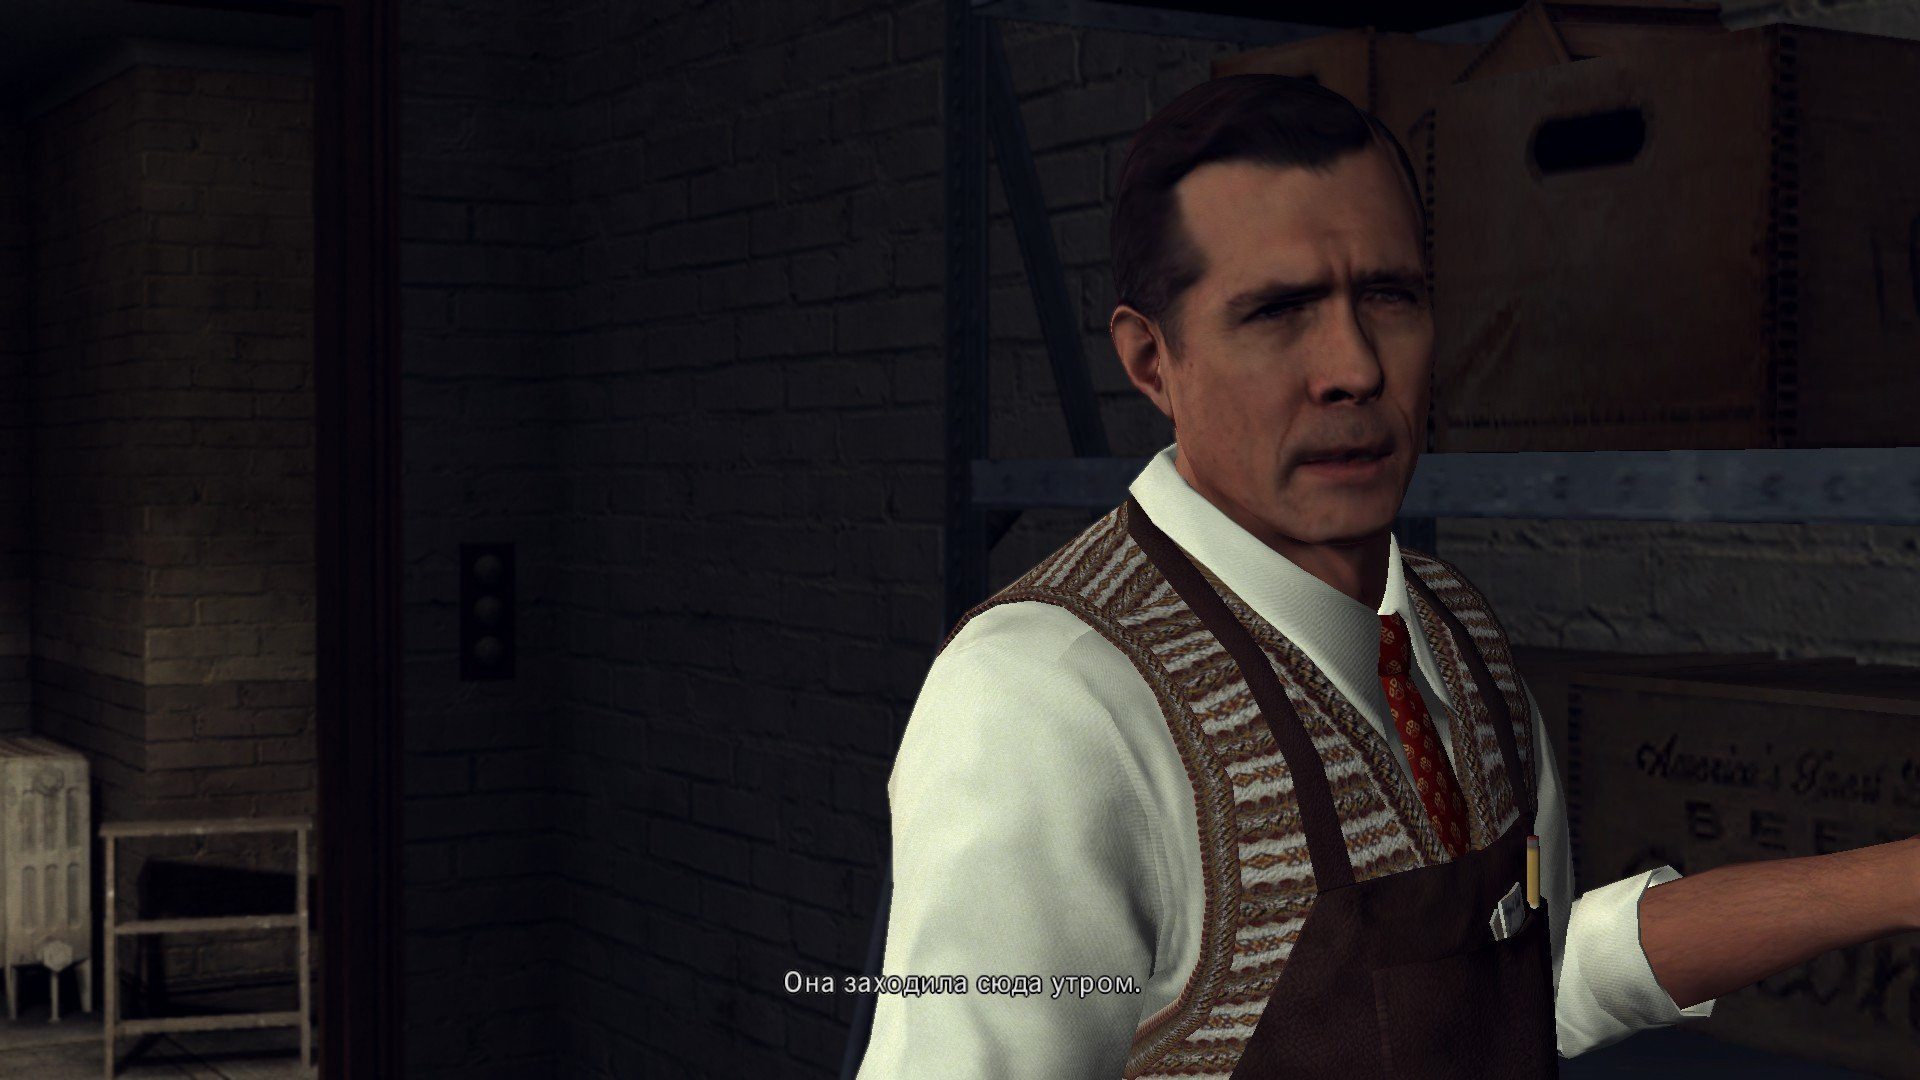 Пост-прохождение L.A. Noire Часть 12. - Изображение 38